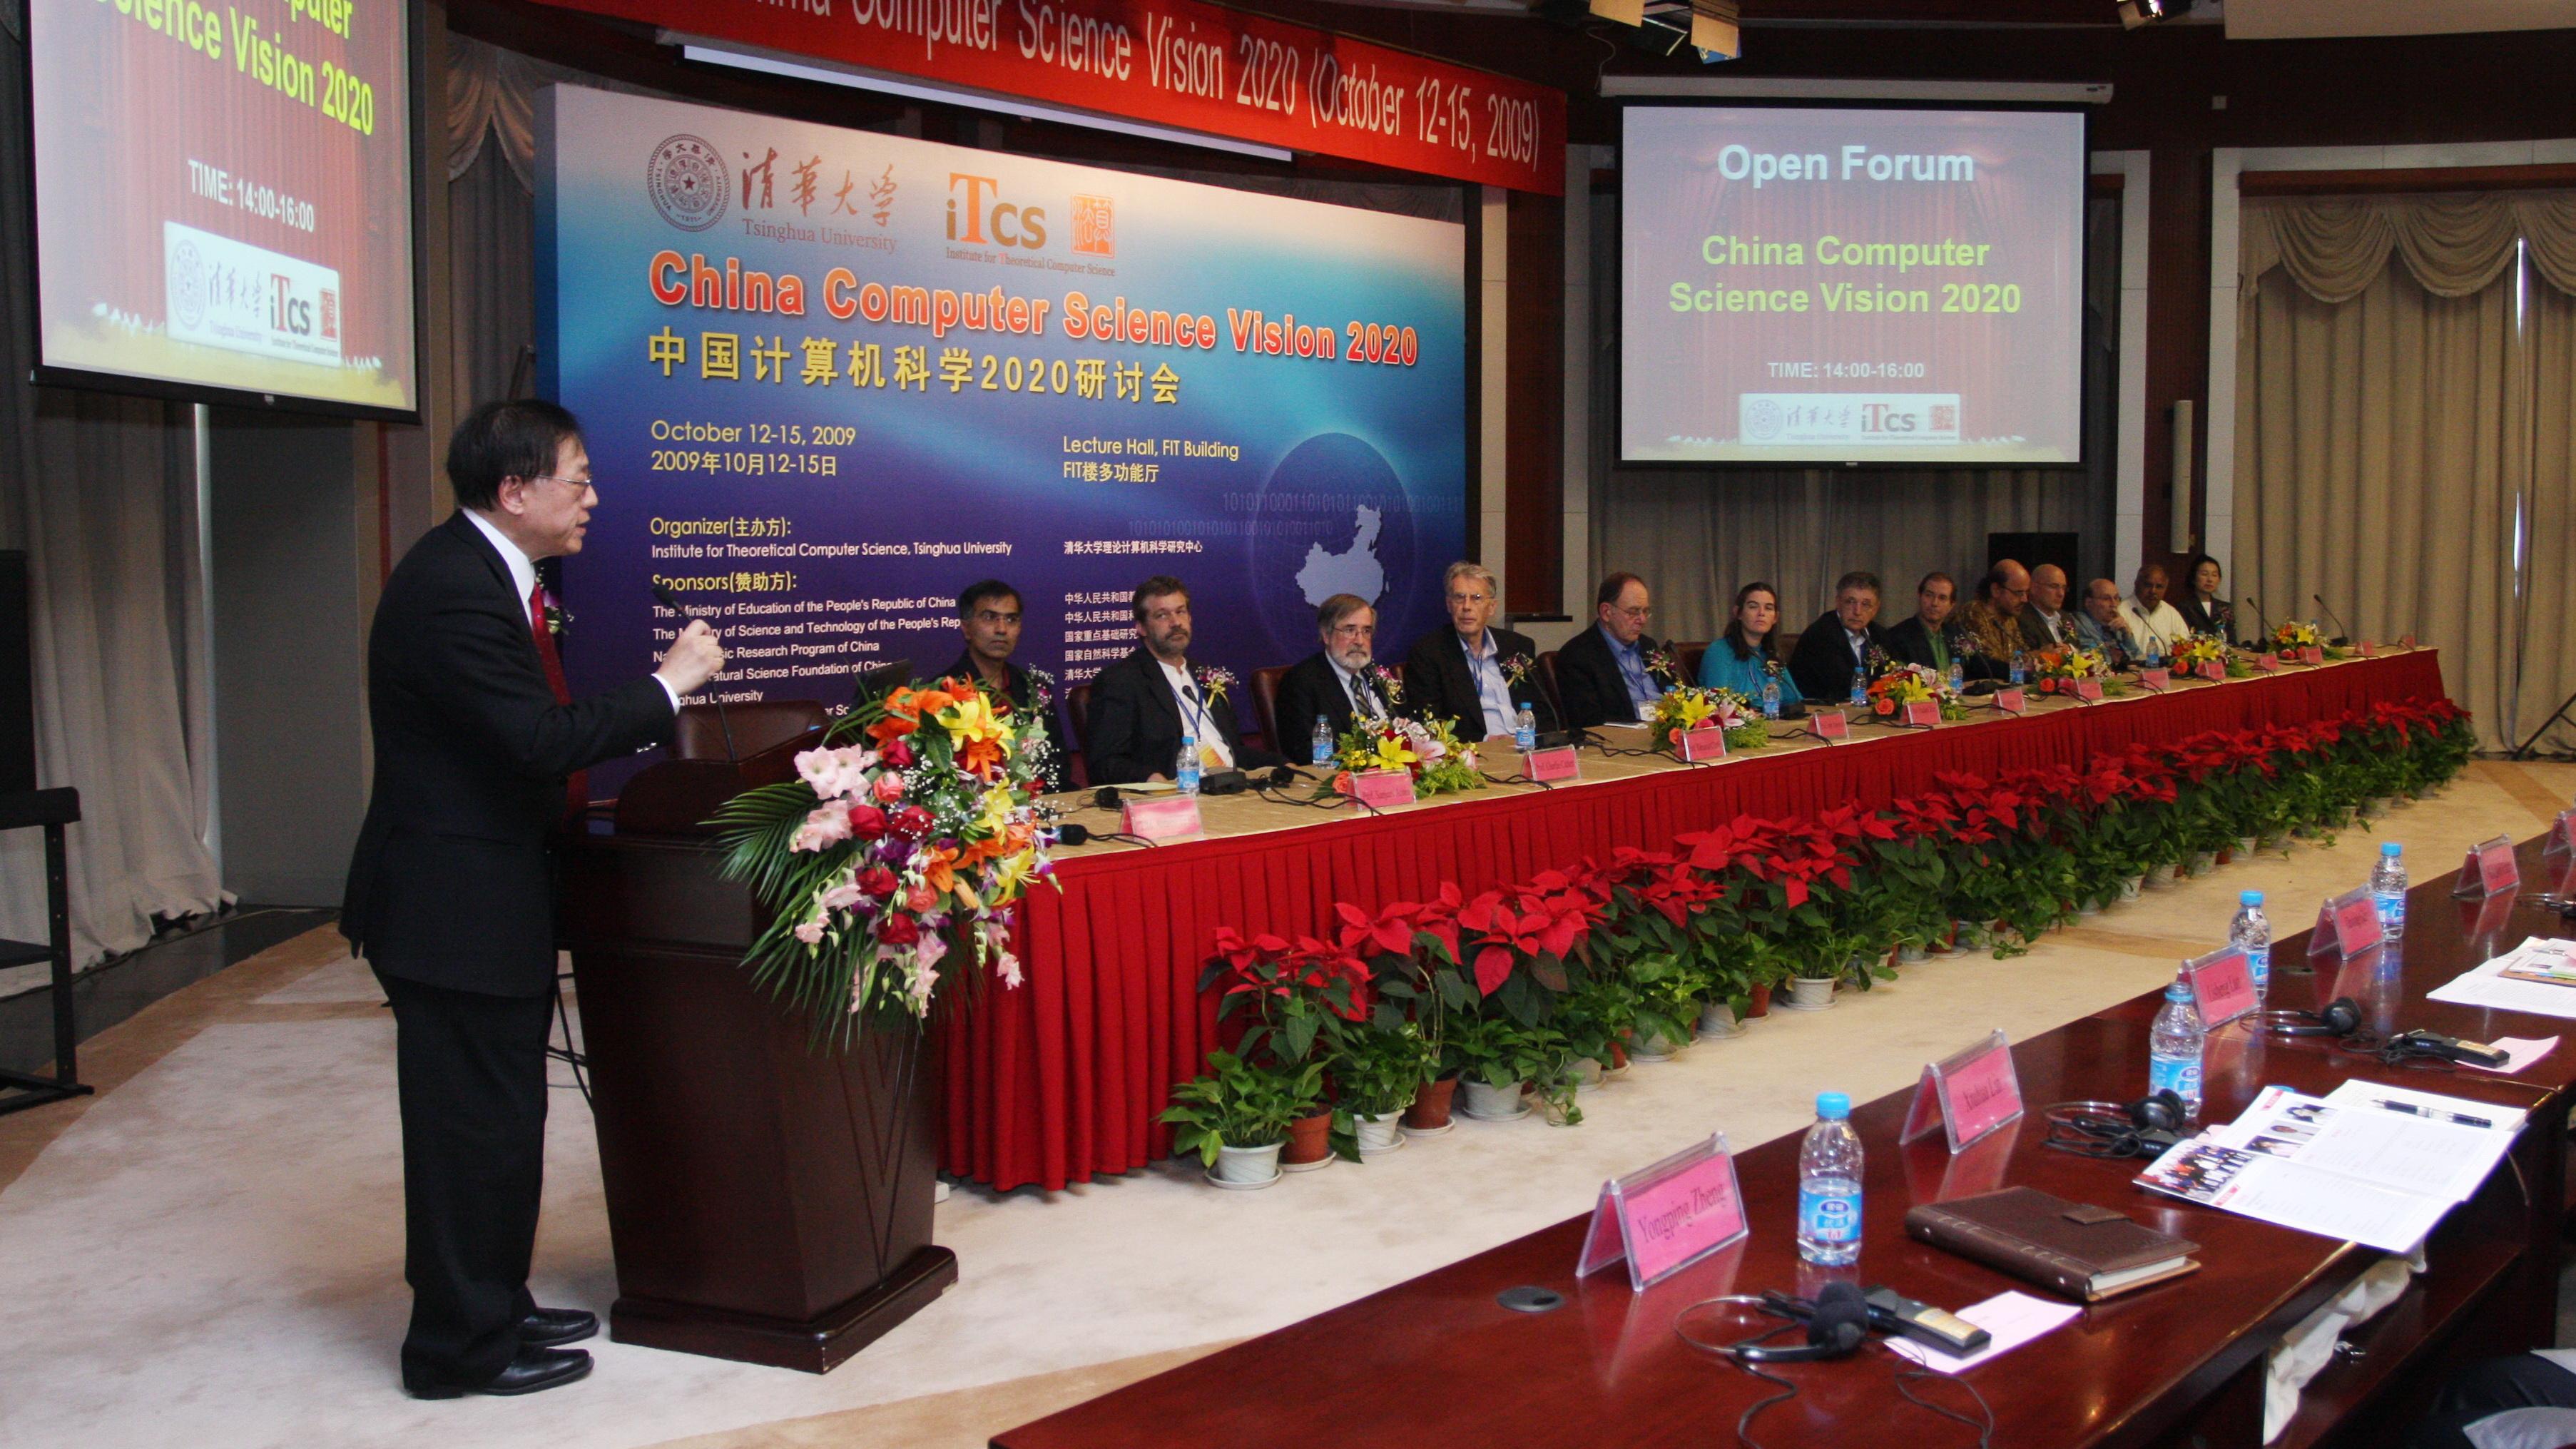 ↑2009年10月,姚期智在中国计算机科学2020研讨会上作报告。(清华大学供图)